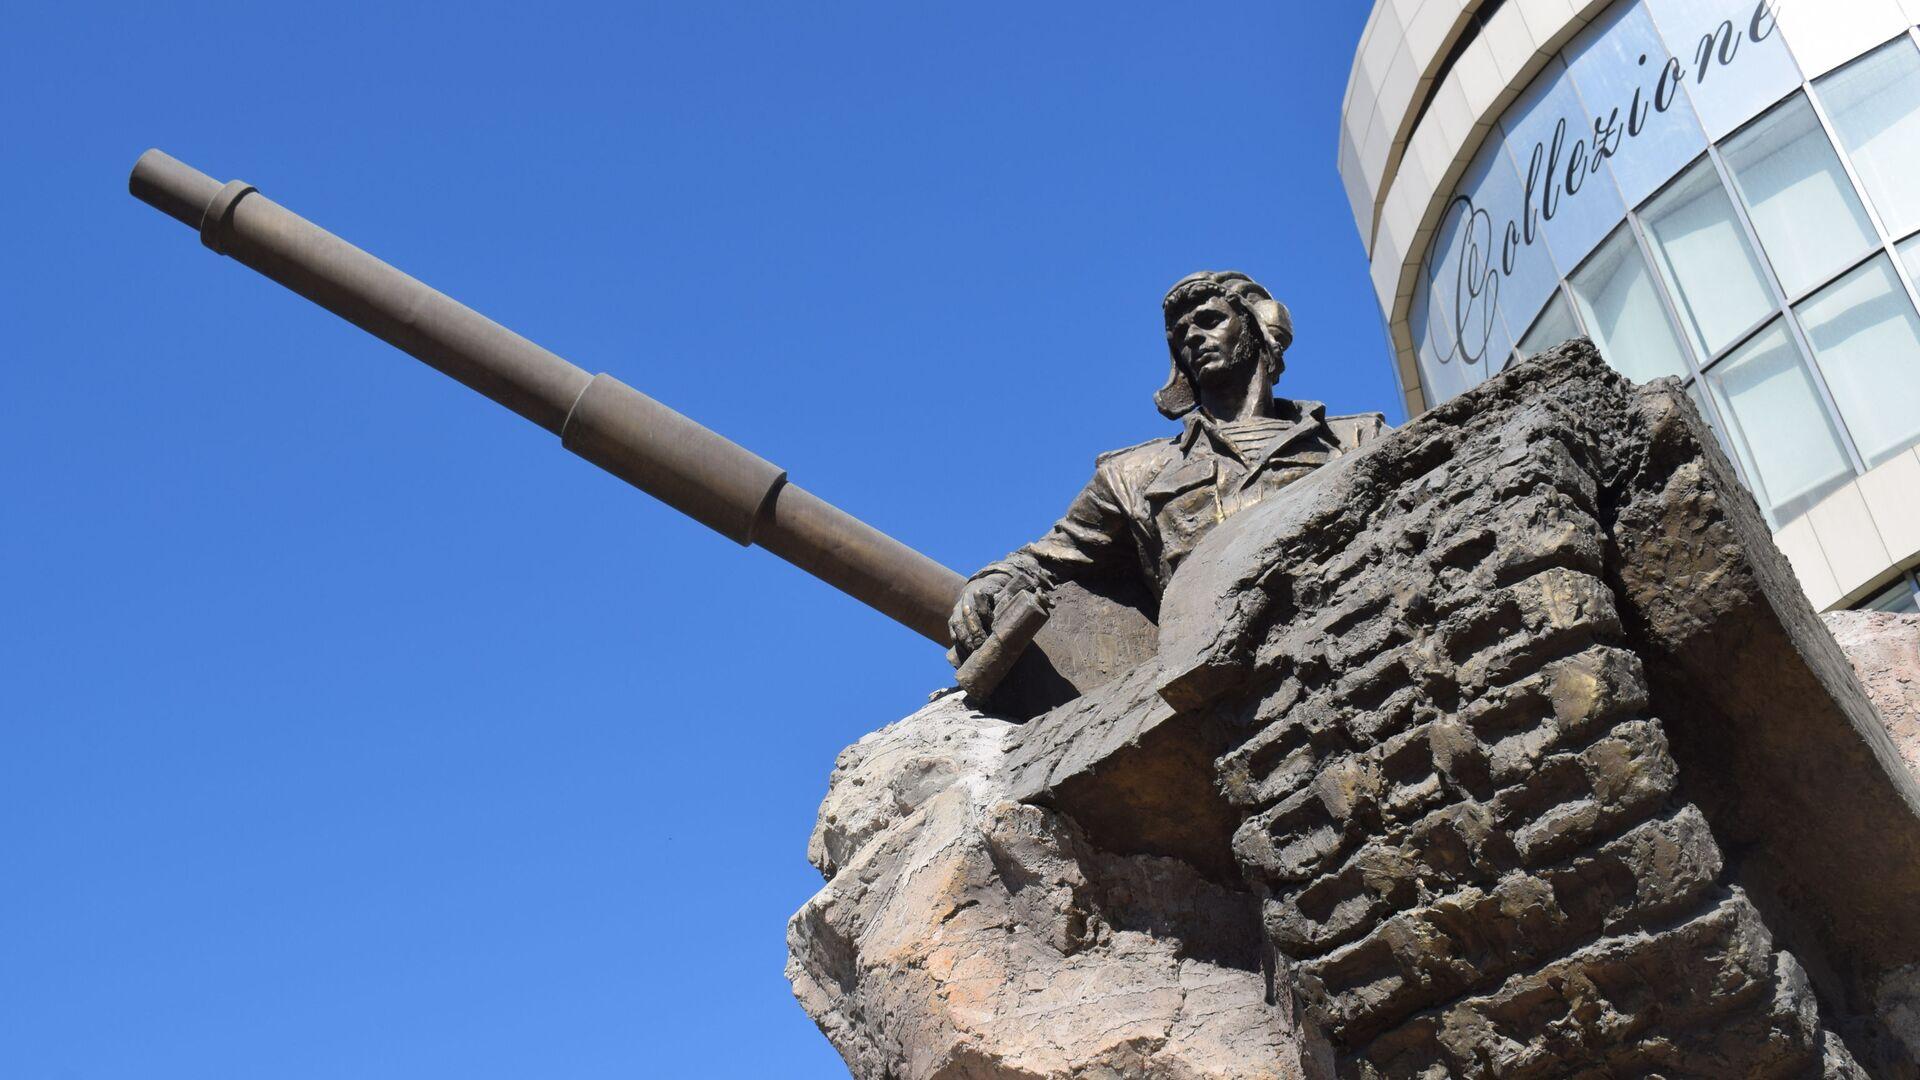 Anım günündə əfsanəvi tankçı Albert Aqarunovun xatirəsi yad edildi - Sputnik Azərbaycan, 1920, 27.09.2021